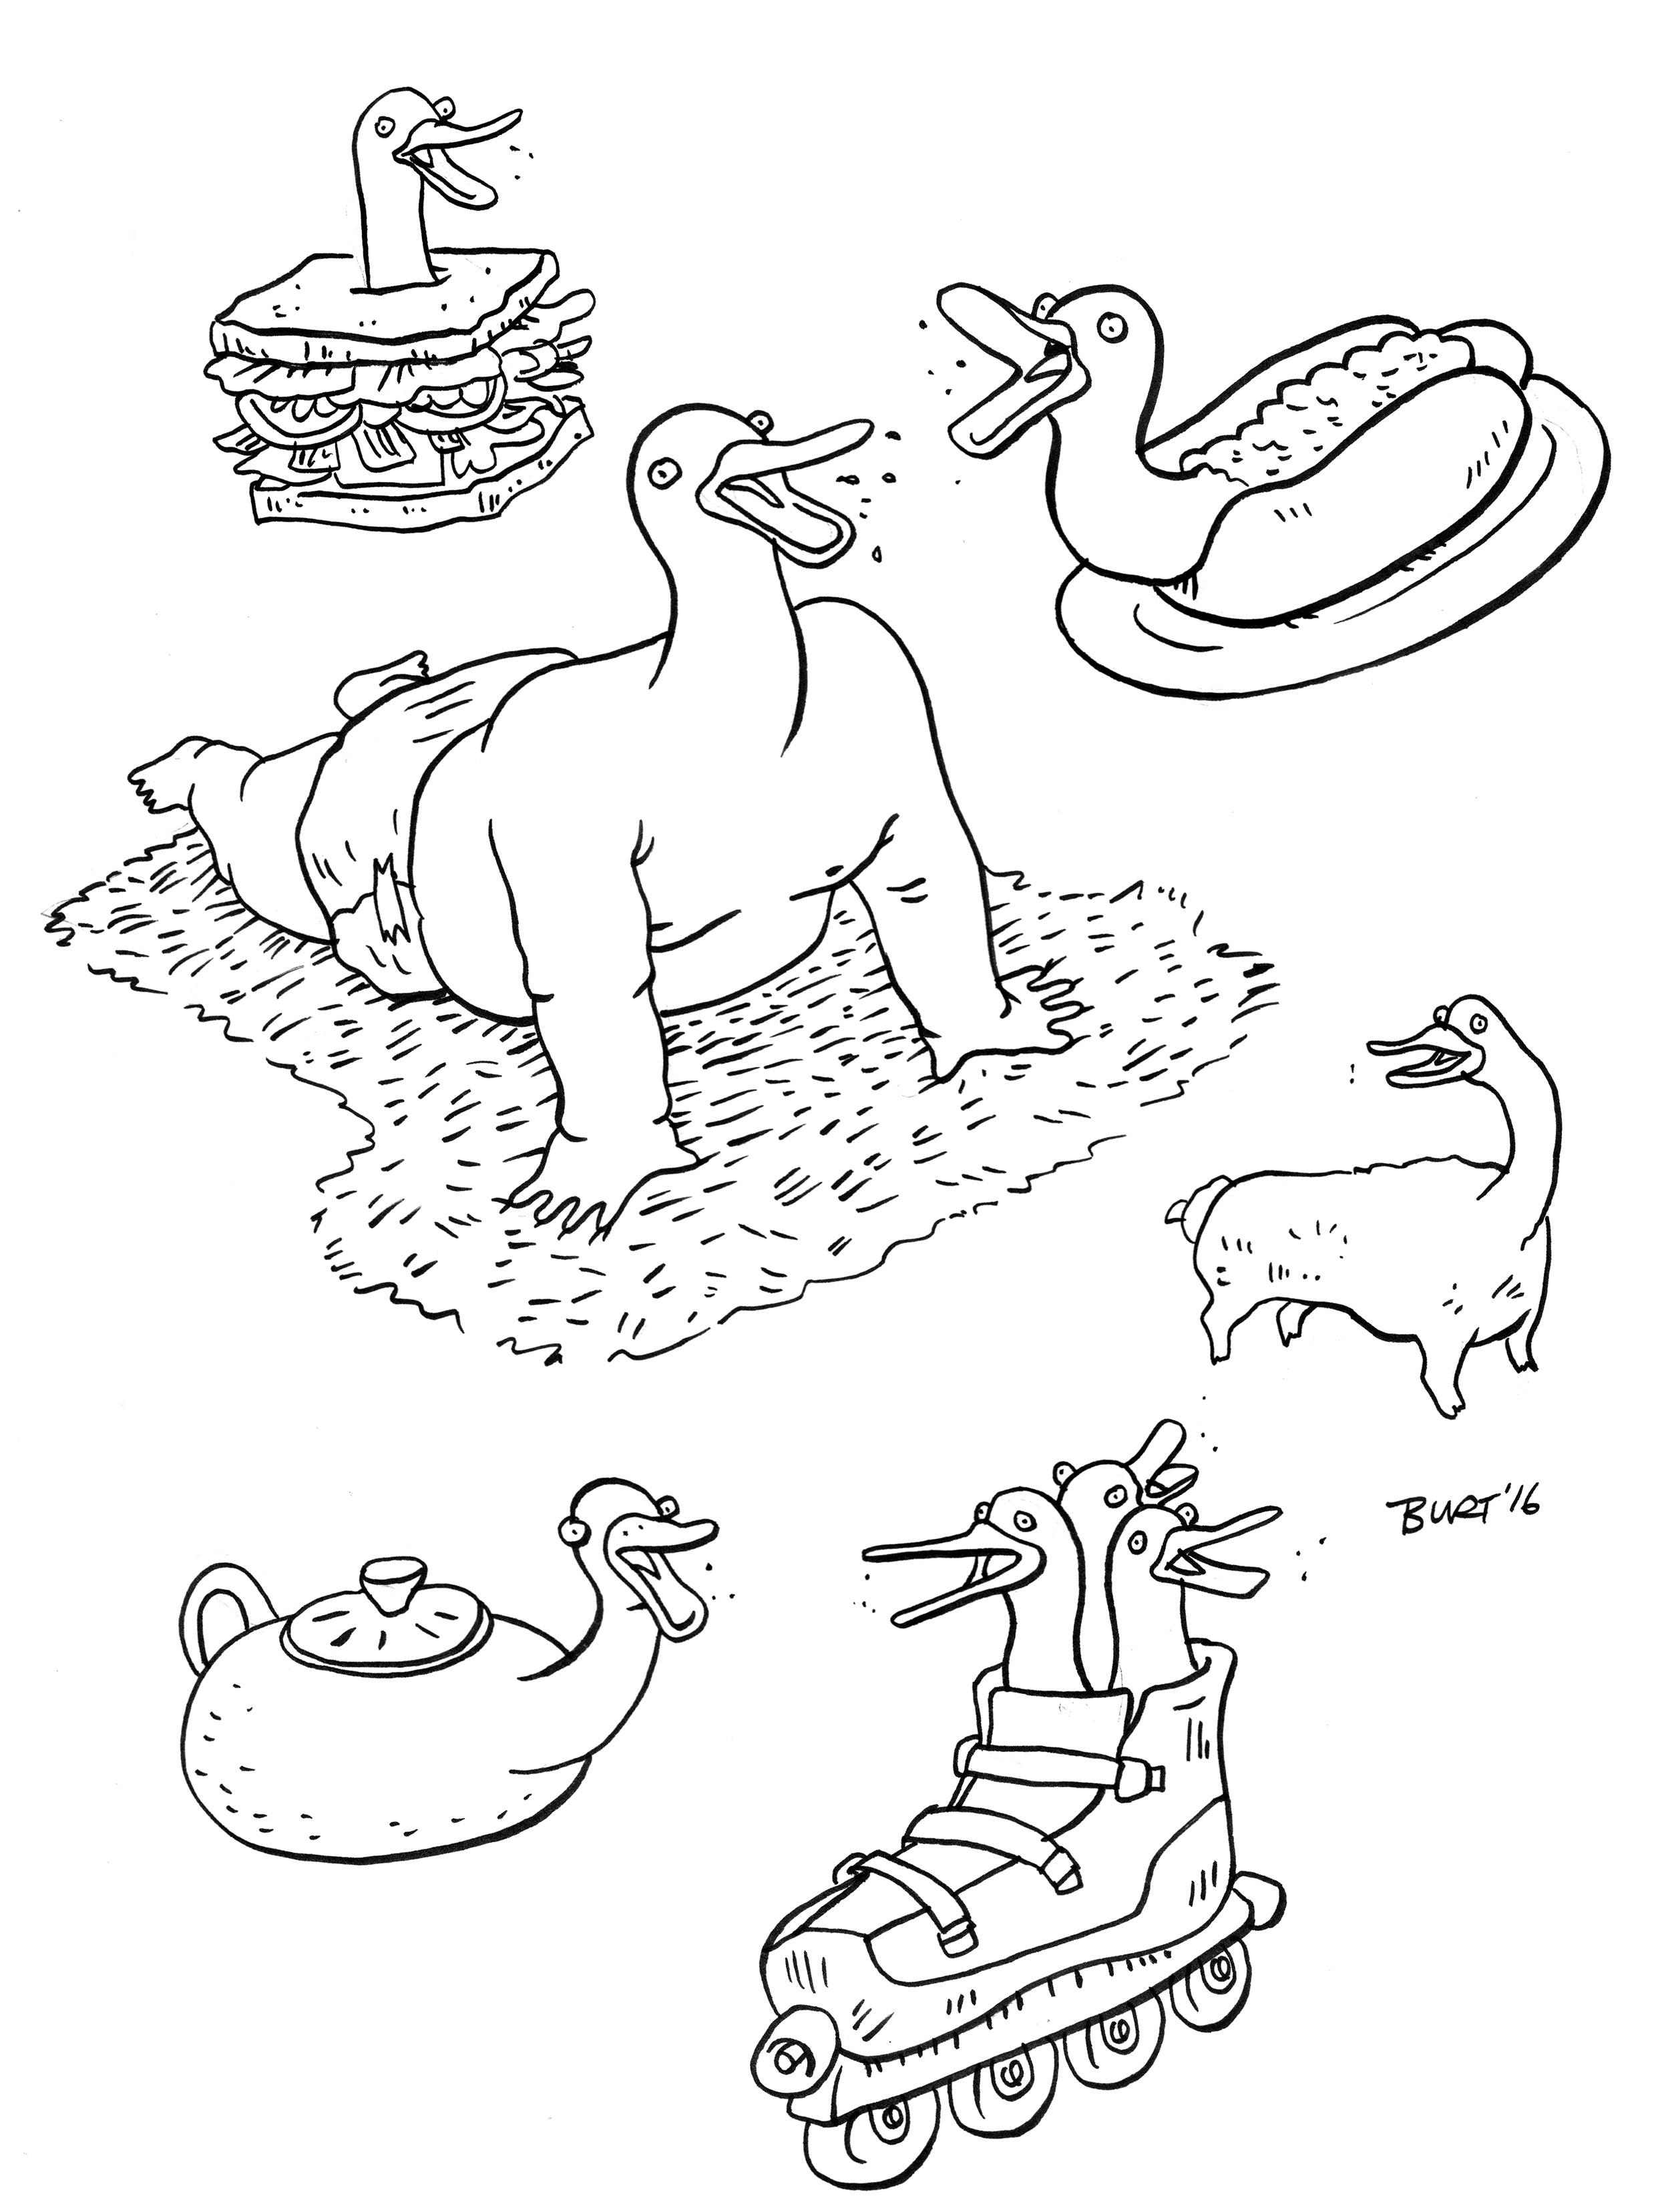 Ducks Are Fun